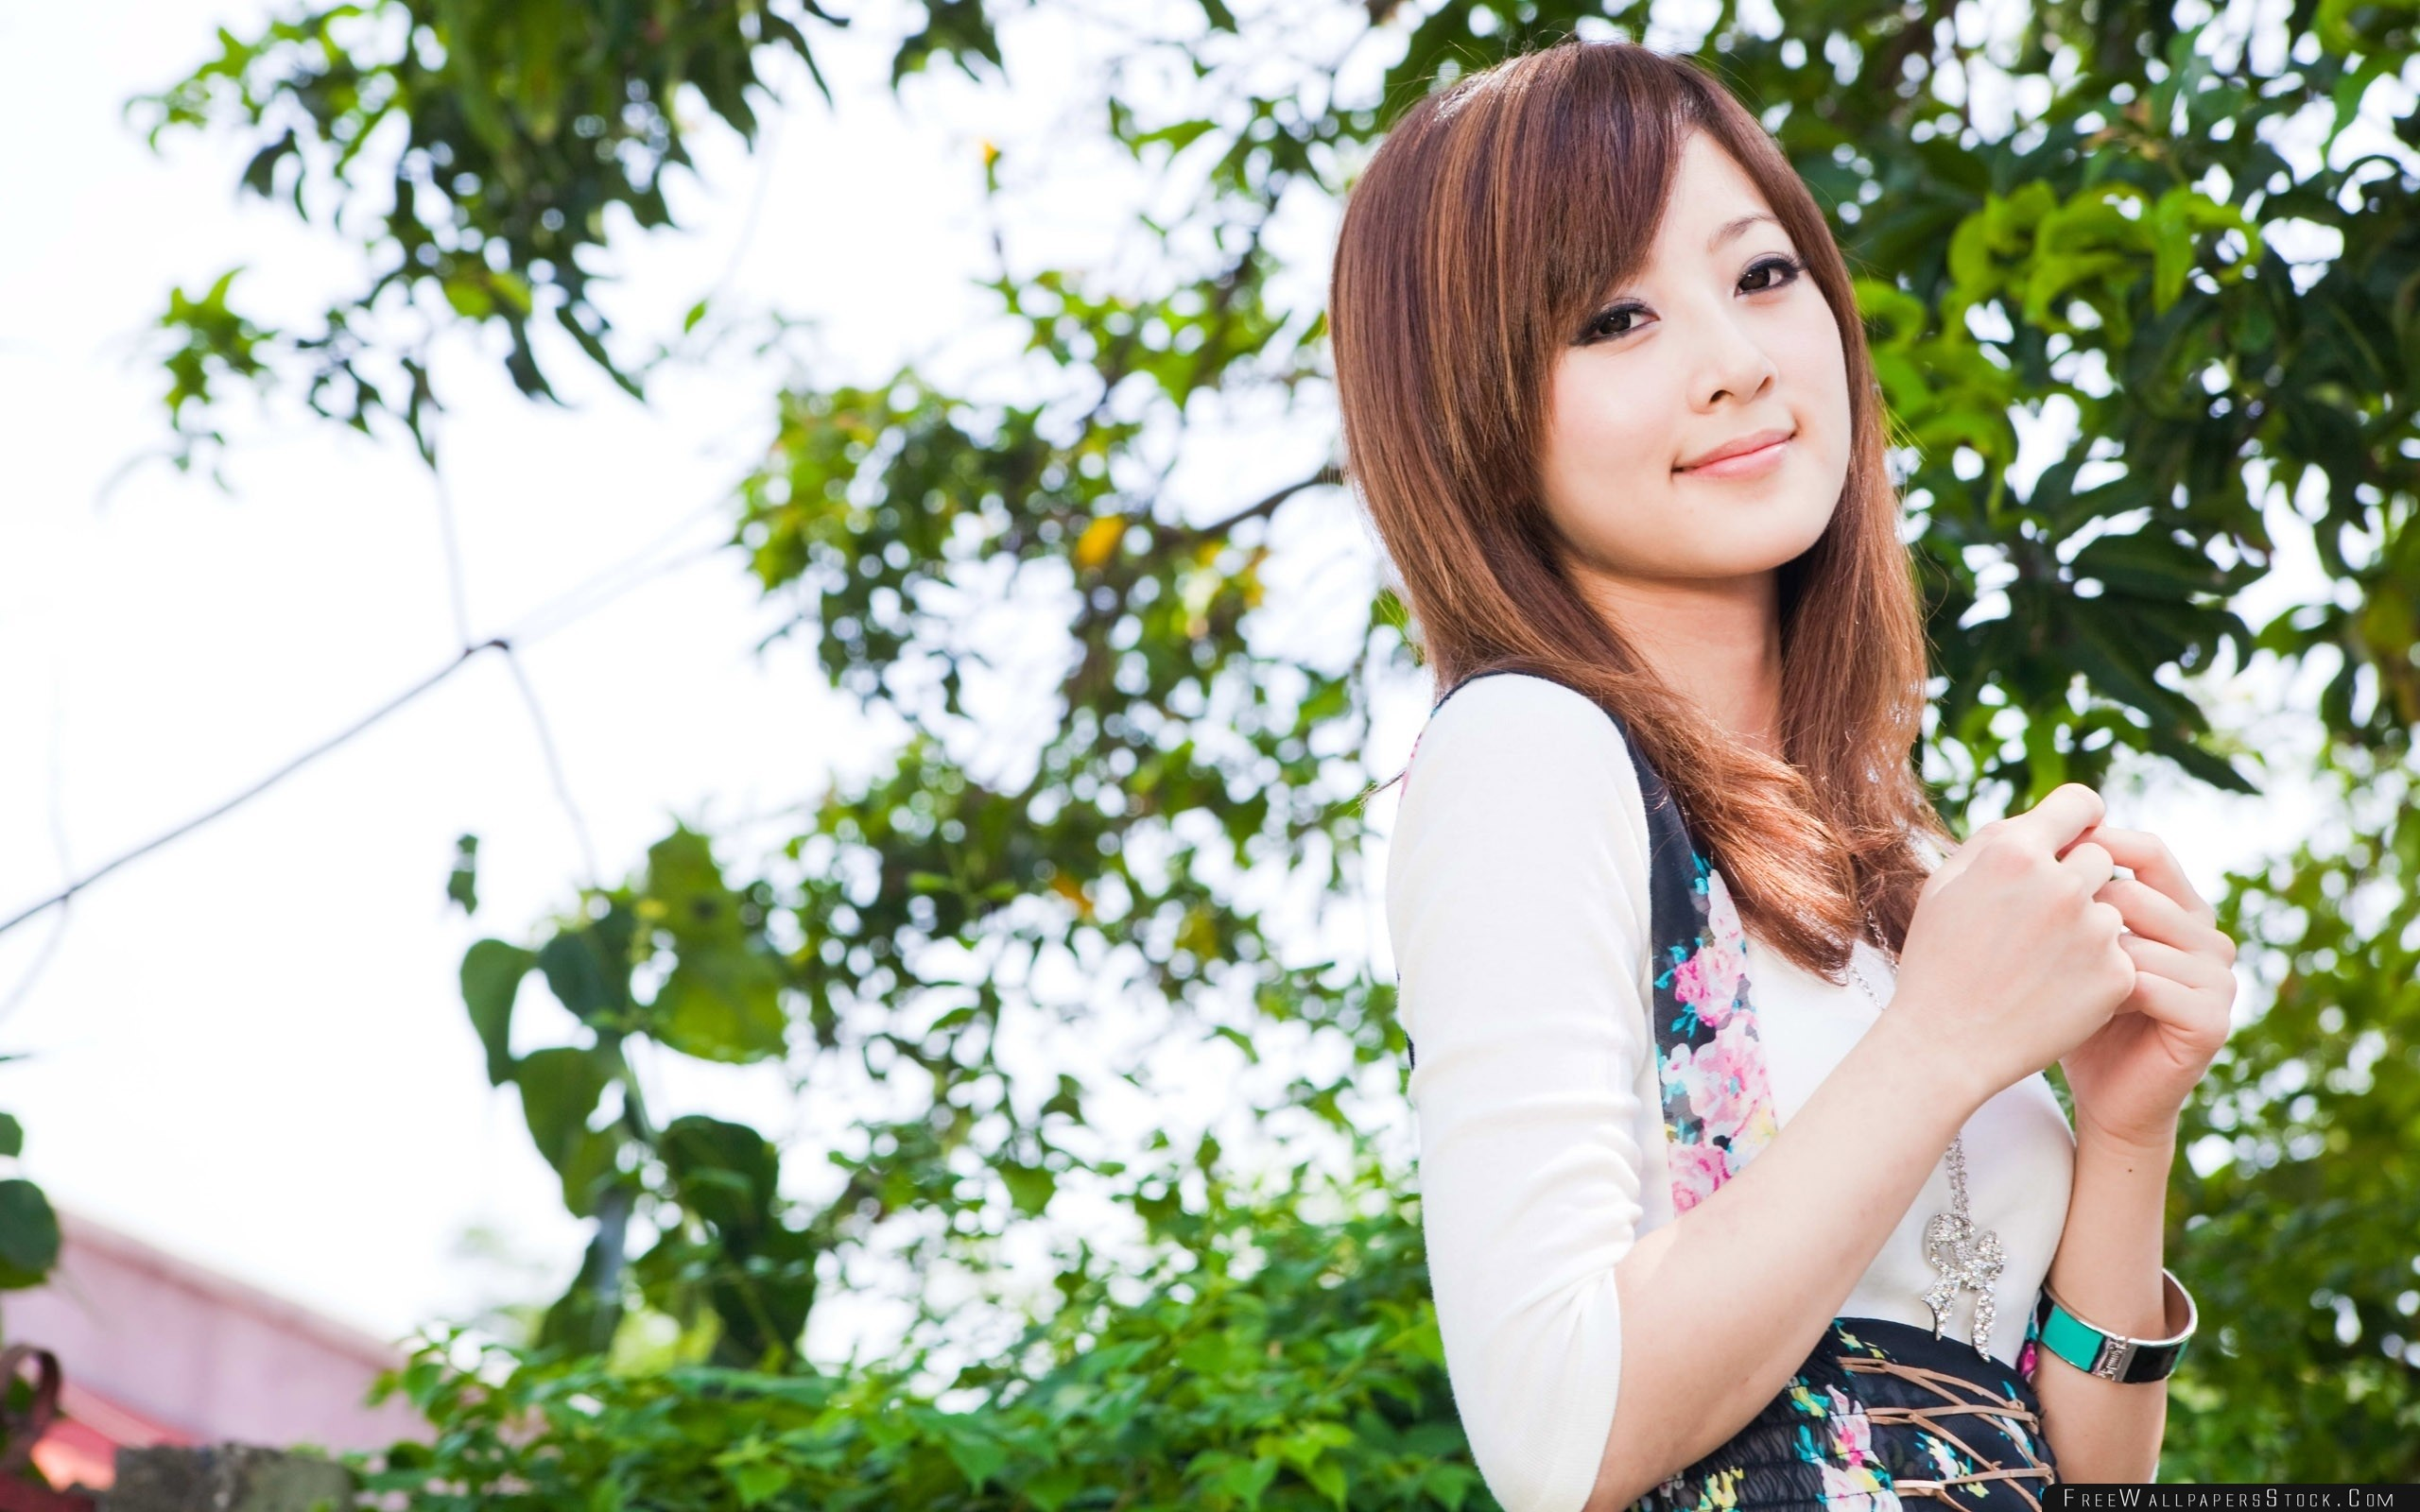 Download Free Wallpaper Smile Girl Brunette Asian